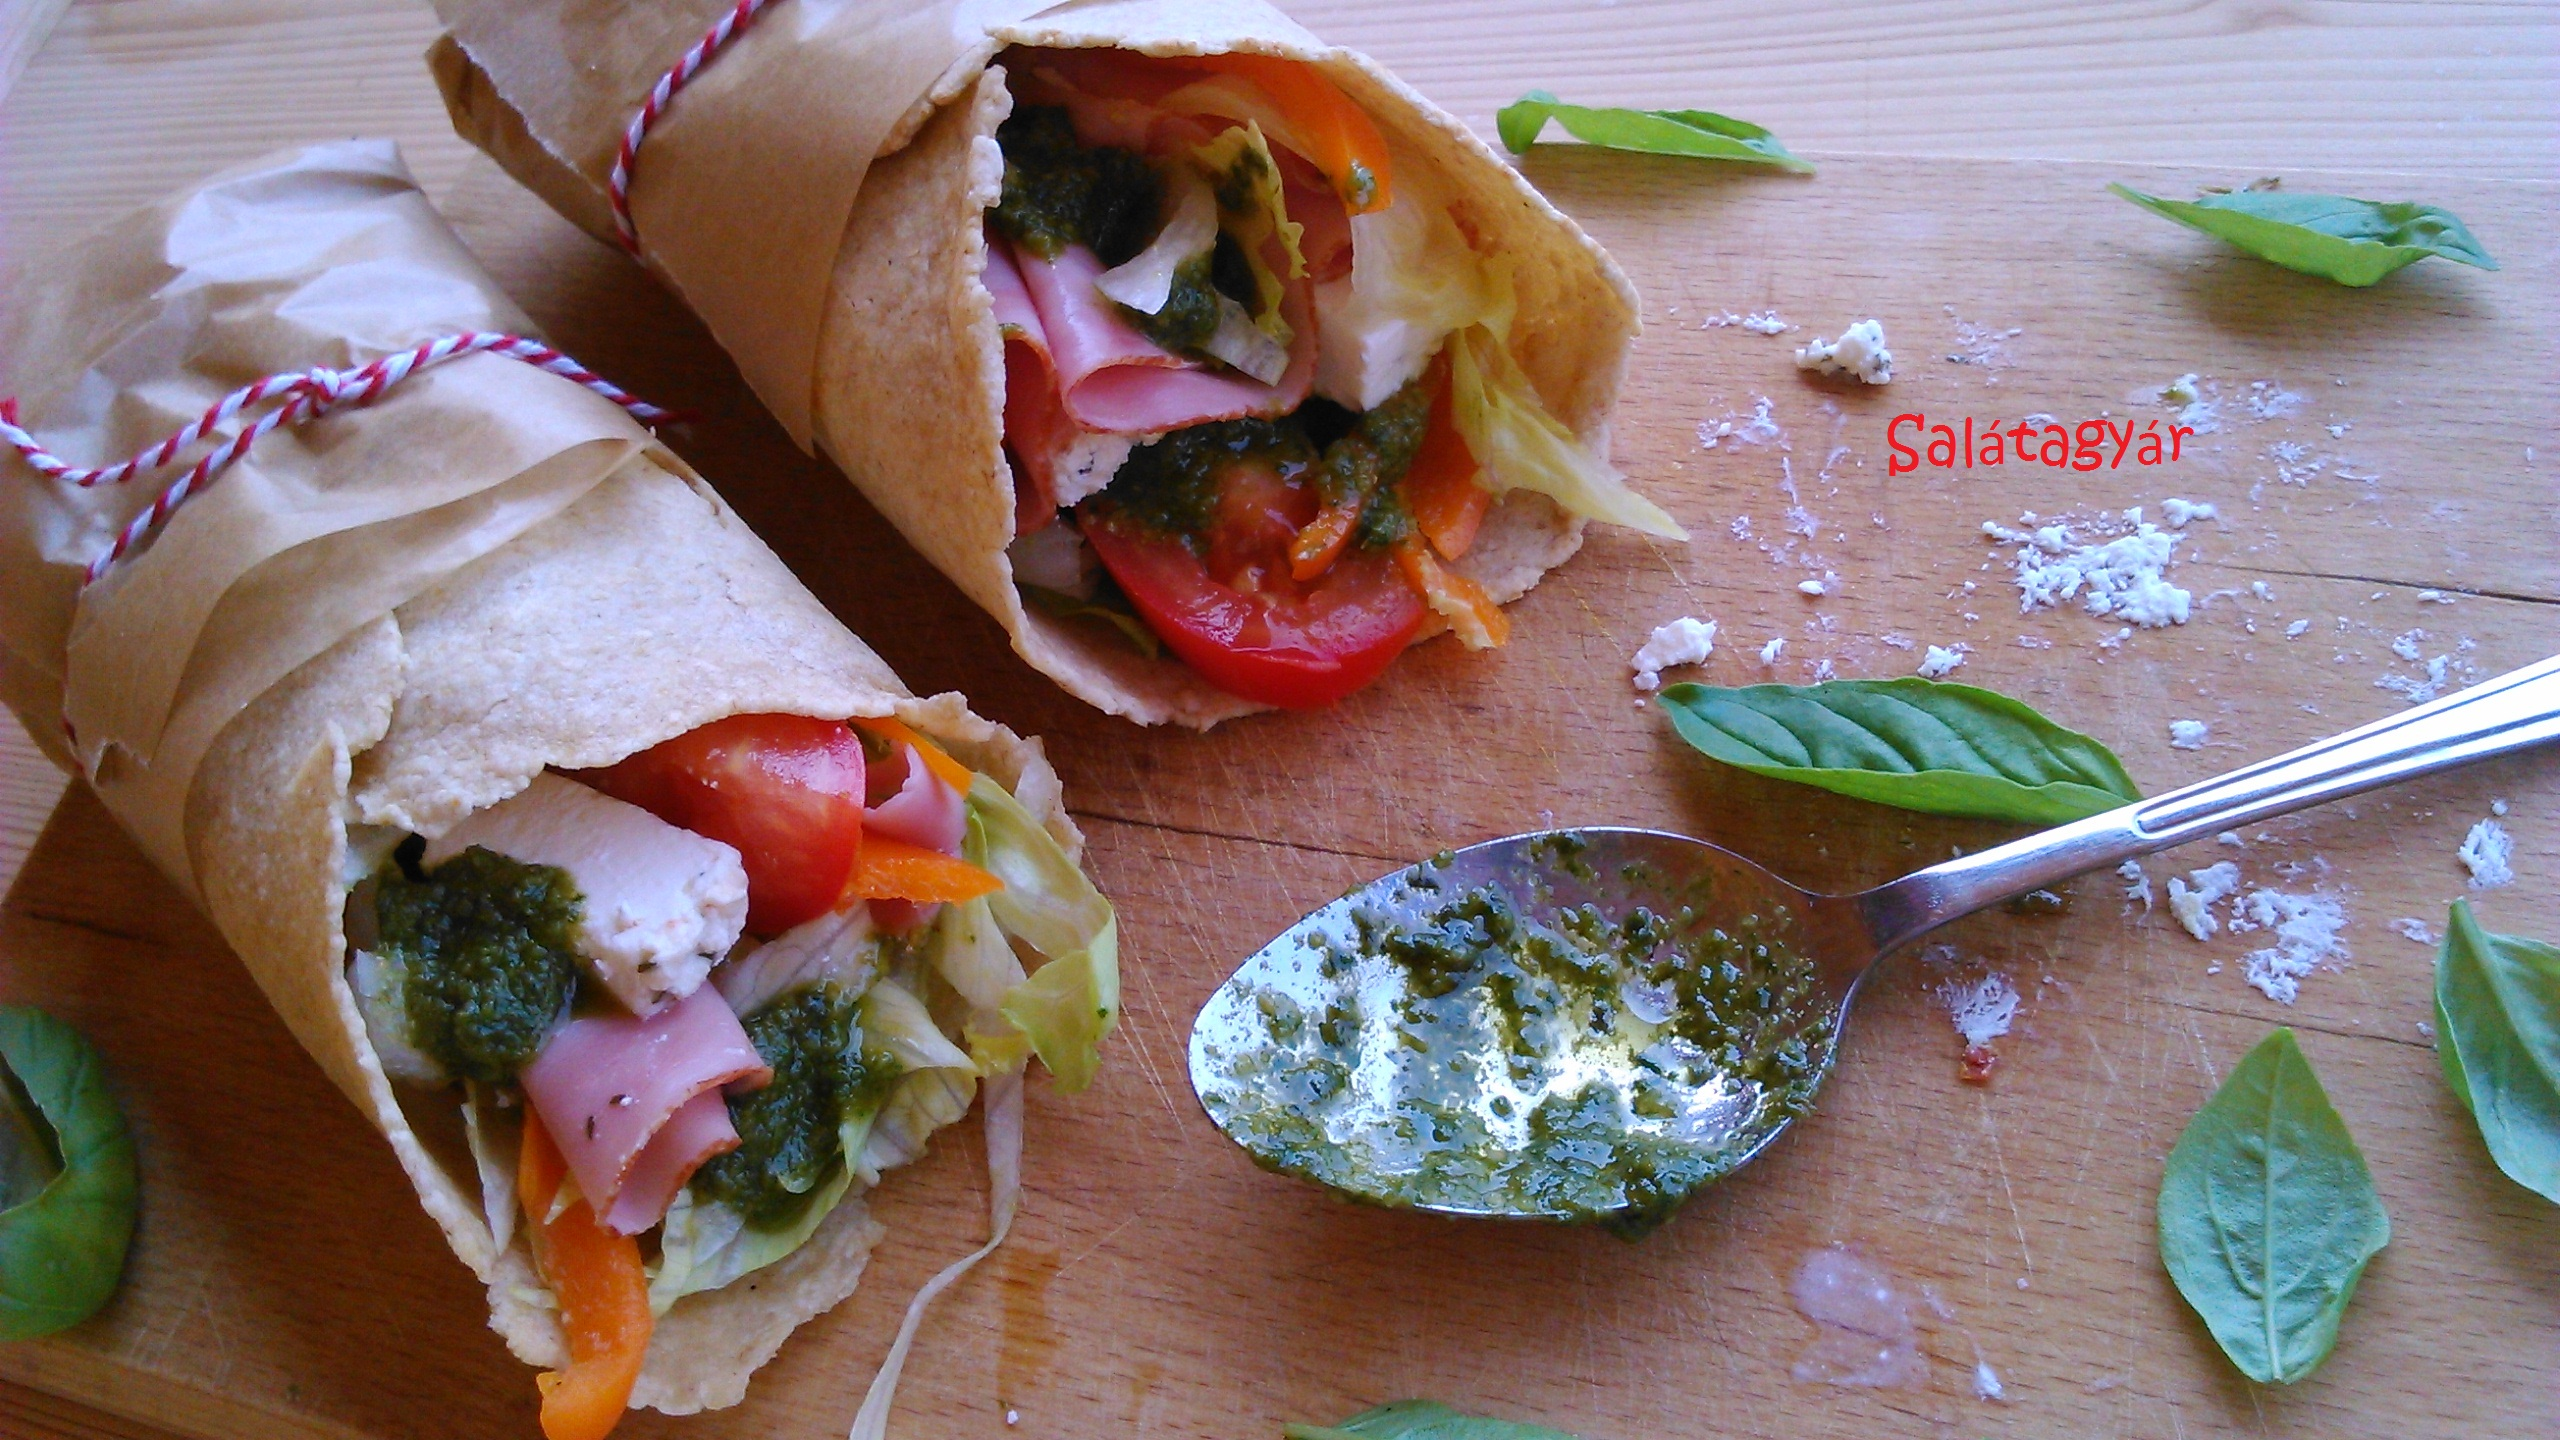 Tortilla zabpehelylisztből – egyszerűen elkészíthető zab tortilla